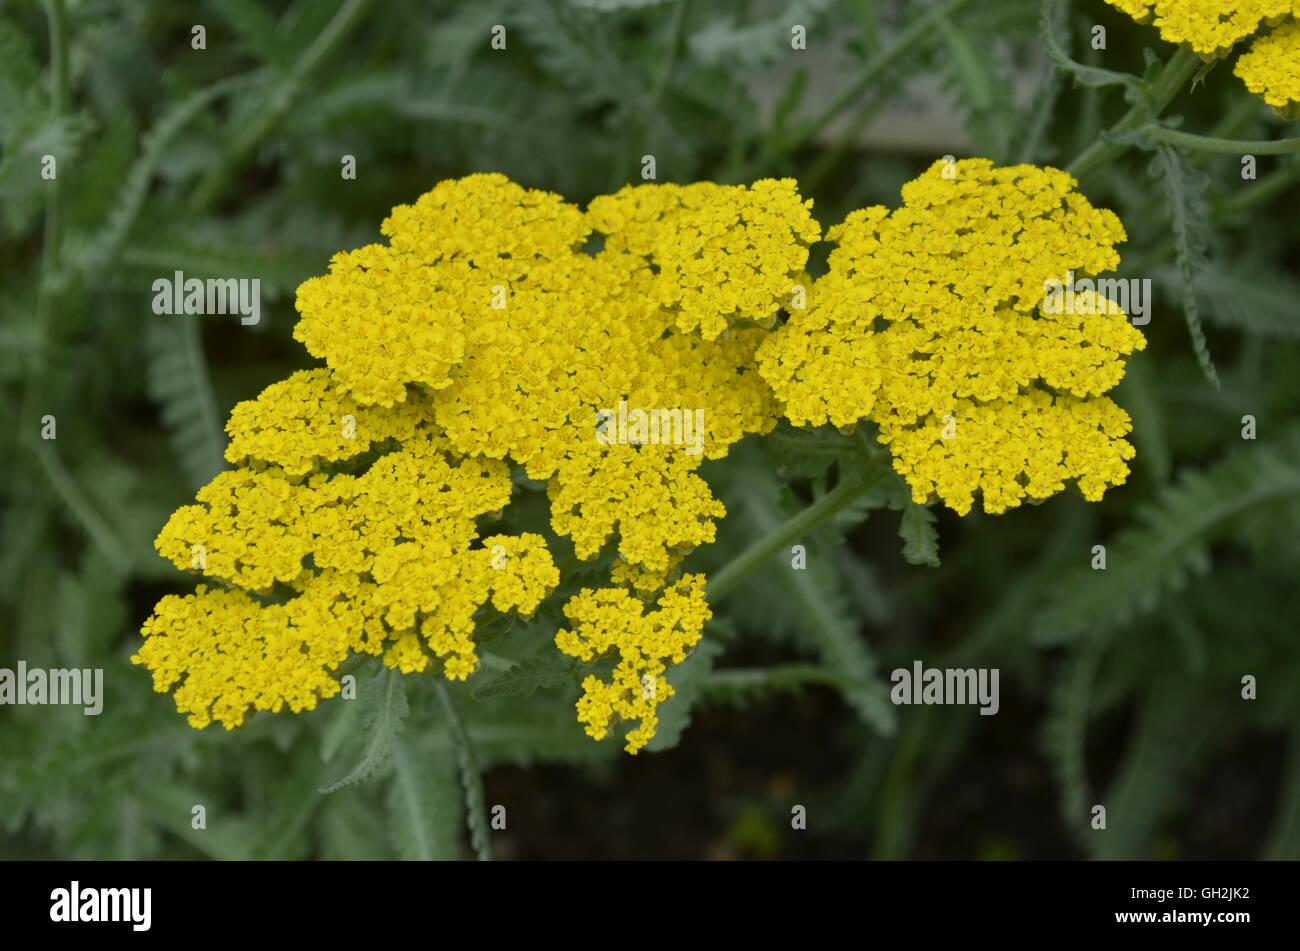 Yellow, moonshine yarrow flower - Stock Image